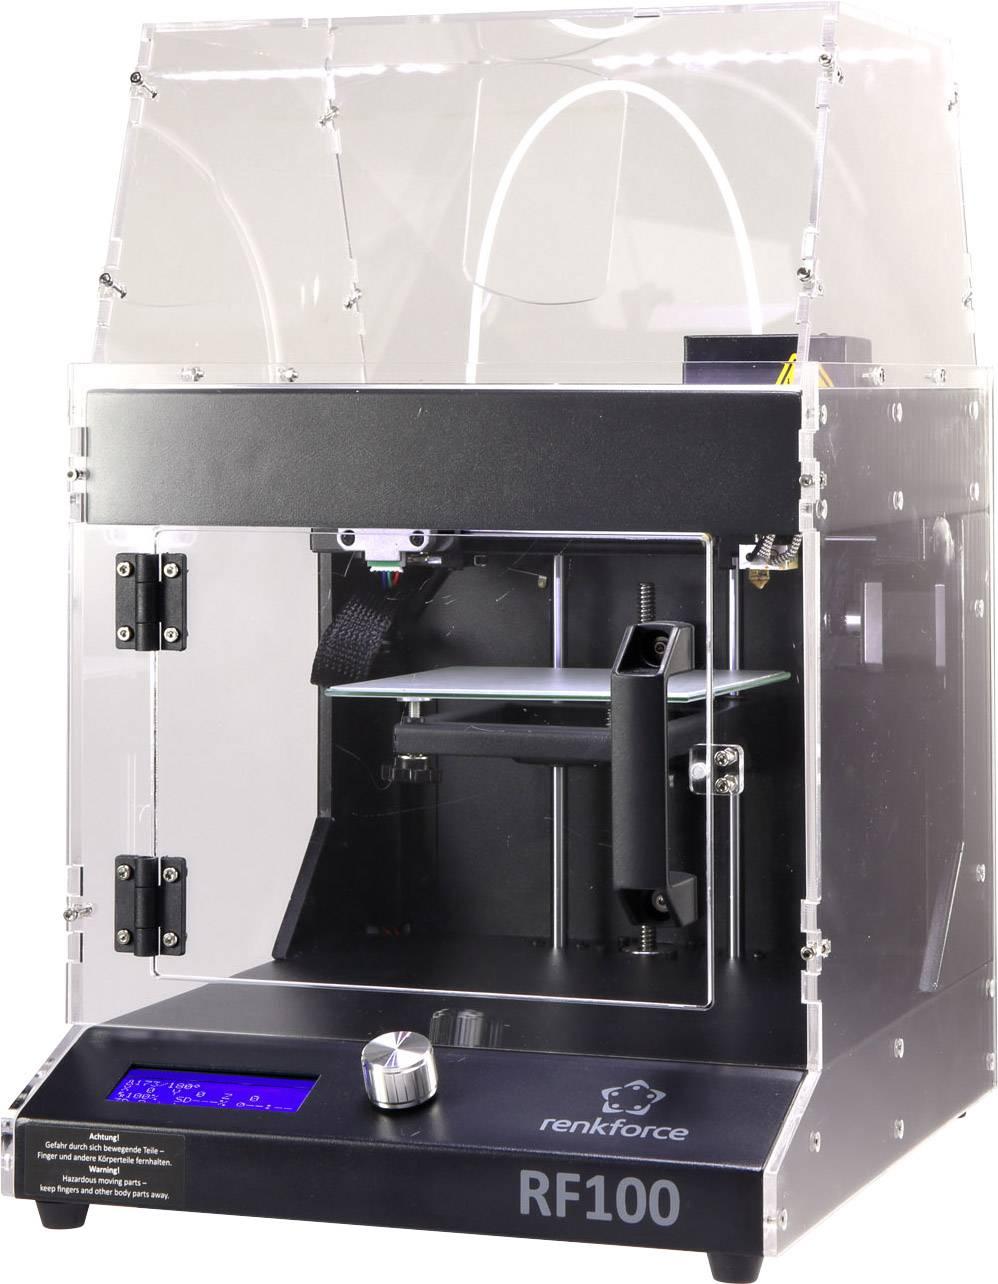 Kryt pro 3D tiskárnu renkforce RF100 v2, zdokonalená verze, renkforce RF100